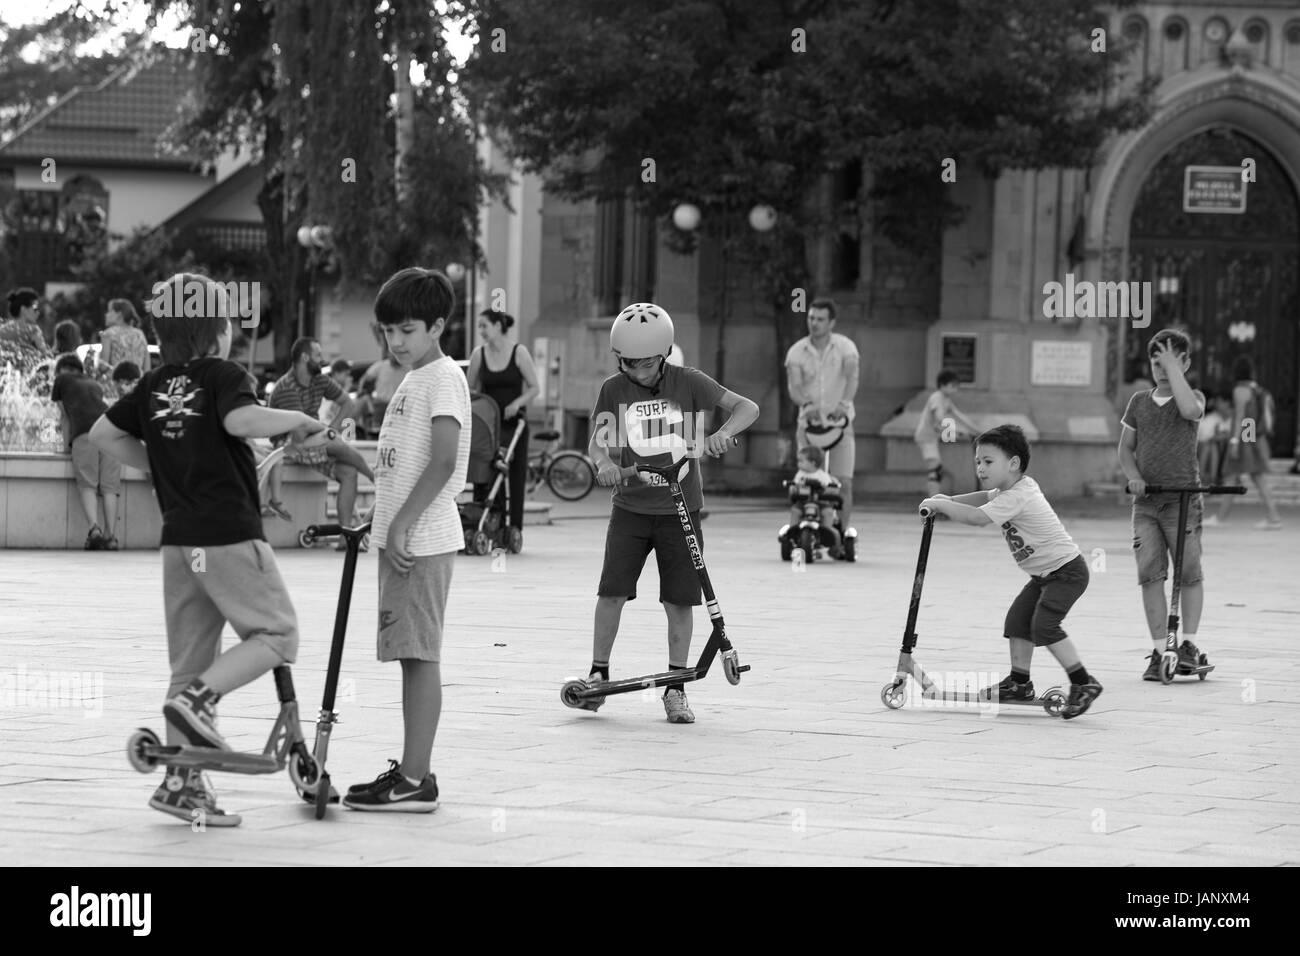 Equitazione per bambini scooter, giocando presso la piazza principale, la vita quotidiana, , kids, strade, centri Immagini Stock